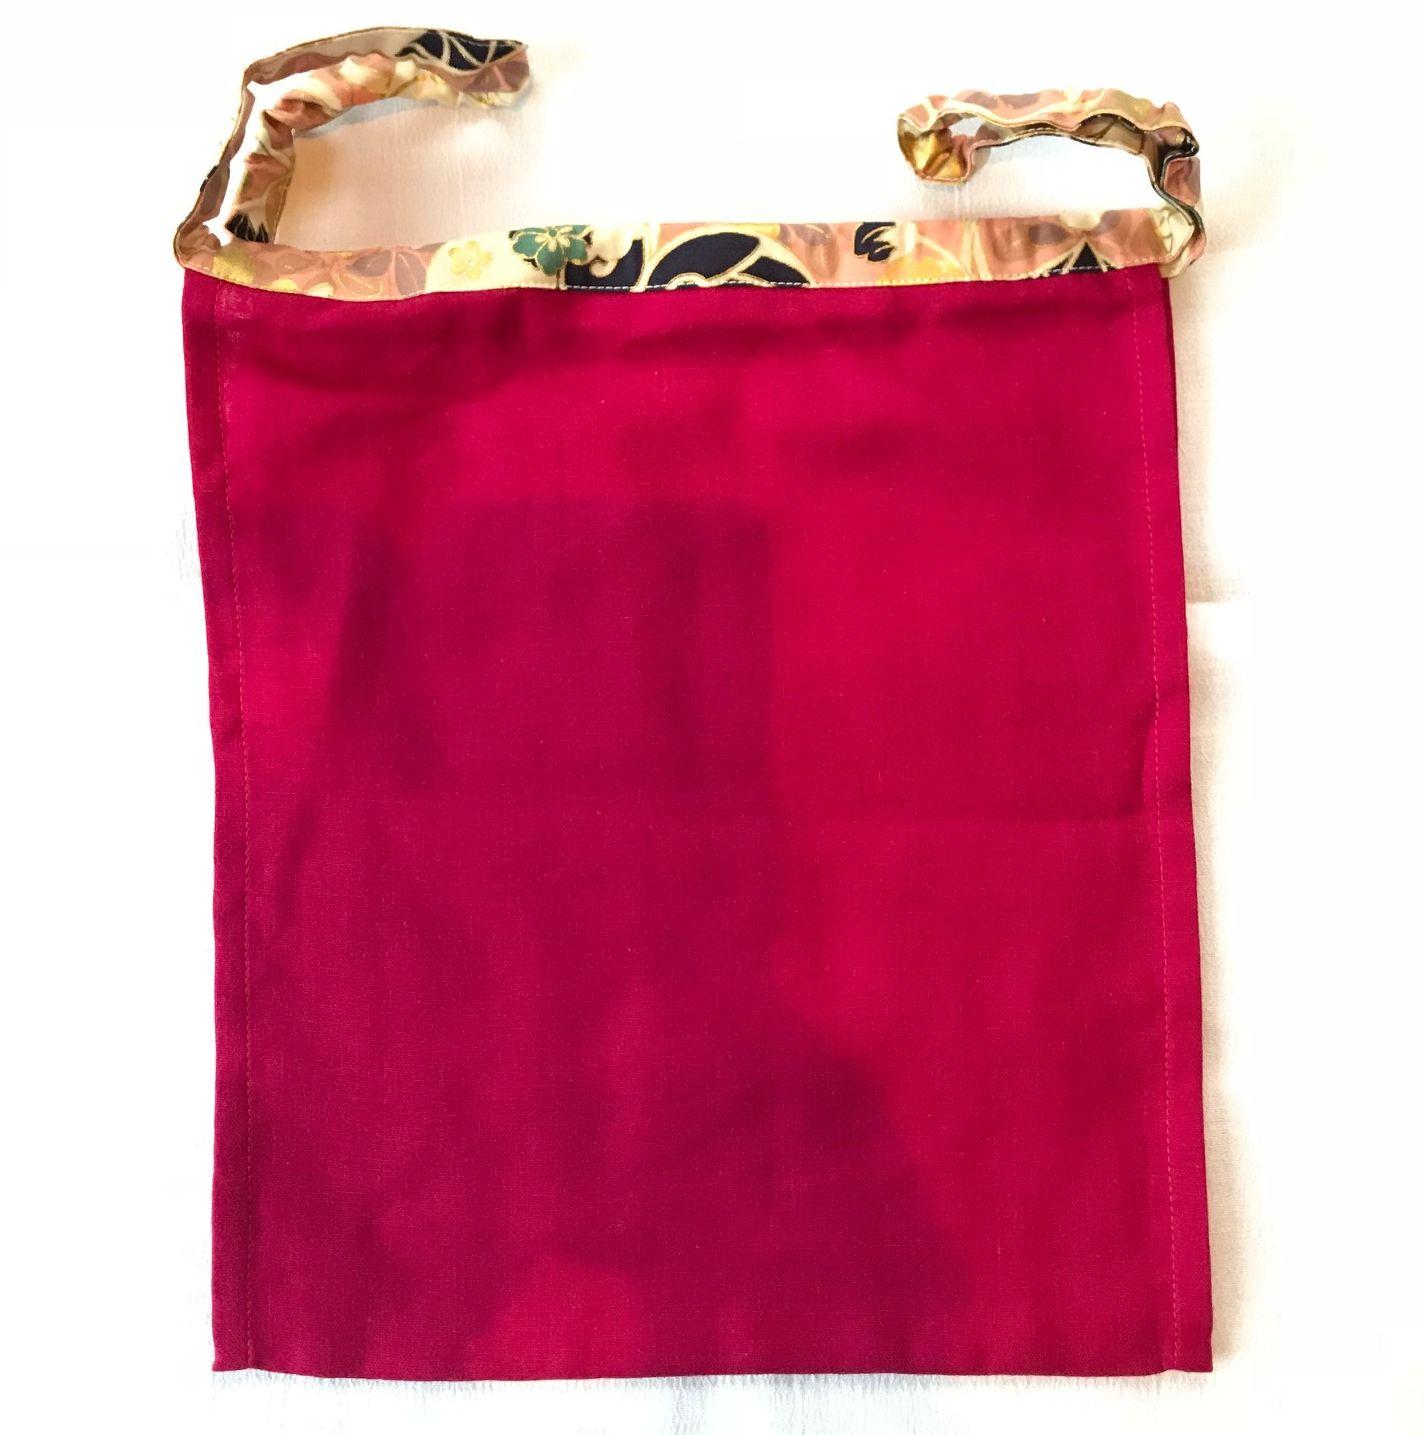 【和癒ぱんつ(ふんどしパンツ)】肌癒ダブルガーゼ(赤紫)×金彩花文様(ピンク)『メール便可』